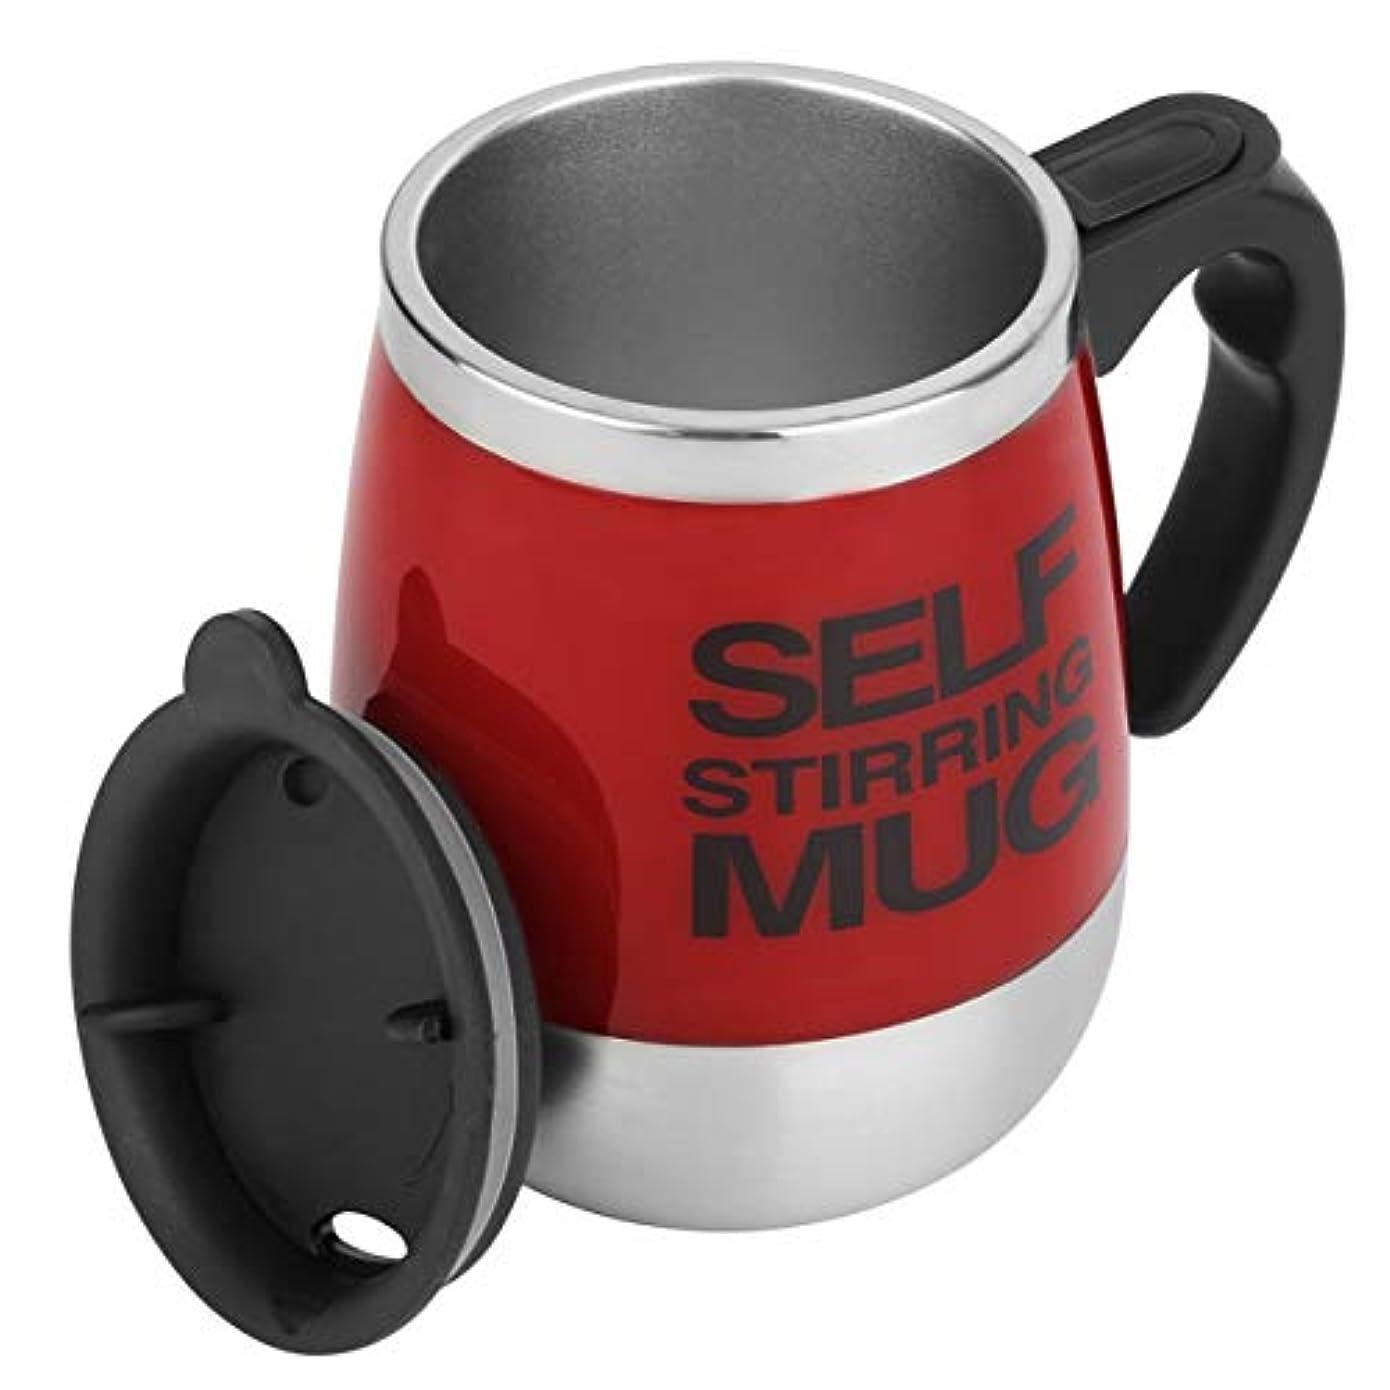 チェリーインターネットアサーSaikogoods 450ミリリットル ステンレス鋼 自己攪拌マグカップ 自動ミキシング ティーコーヒーカップ 自動 電気コーヒーカップを飲みます 赤